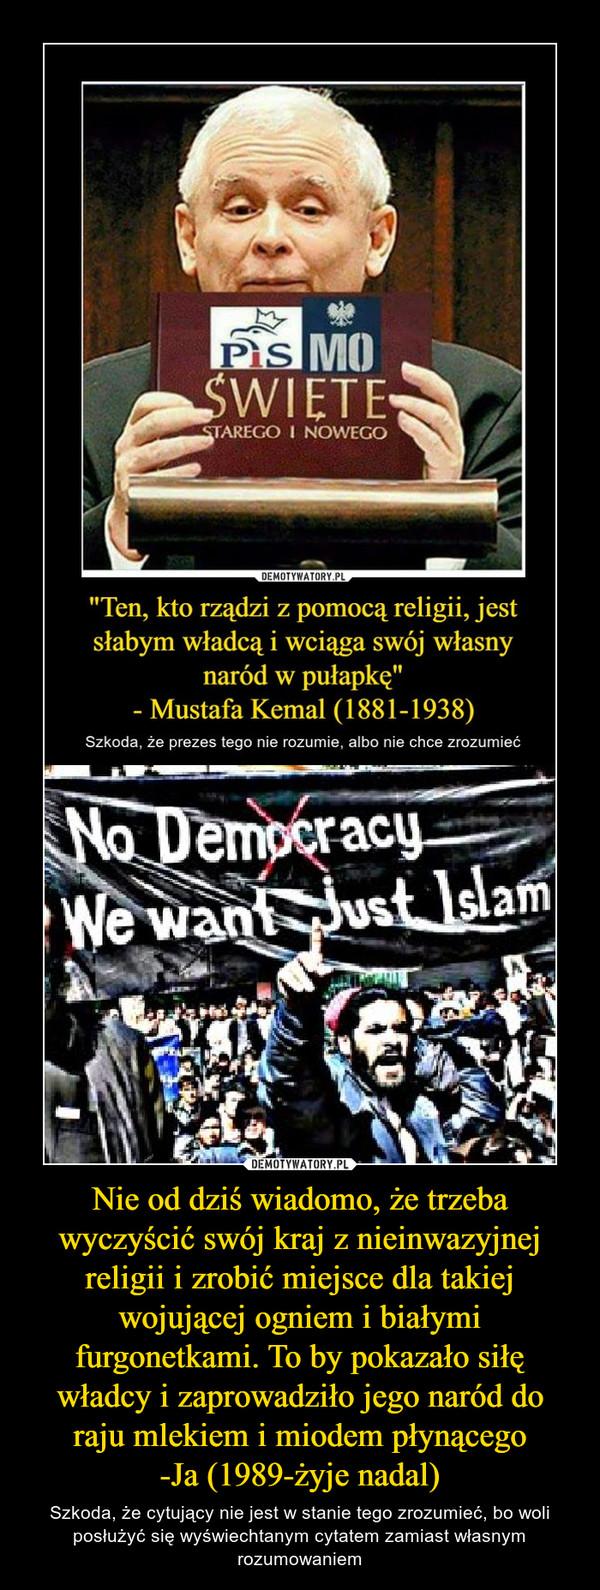 Nie od dziś wiadomo, że trzeba wyczyścić swój kraj z nieinwazyjnej religii i zrobić miejsce dla takiej wojującej ogniem i białymi furgonetkami. To by pokazało siłę władcy i zaprowadziło jego naród do raju mlekiem i miodem płynącego-Ja (1989-żyje nadal) – Szkoda, że cytujący nie jest w stanie tego zrozumieć, bo woli posłużyć się wyświechtanym cytatem zamiast własnym rozumowaniem